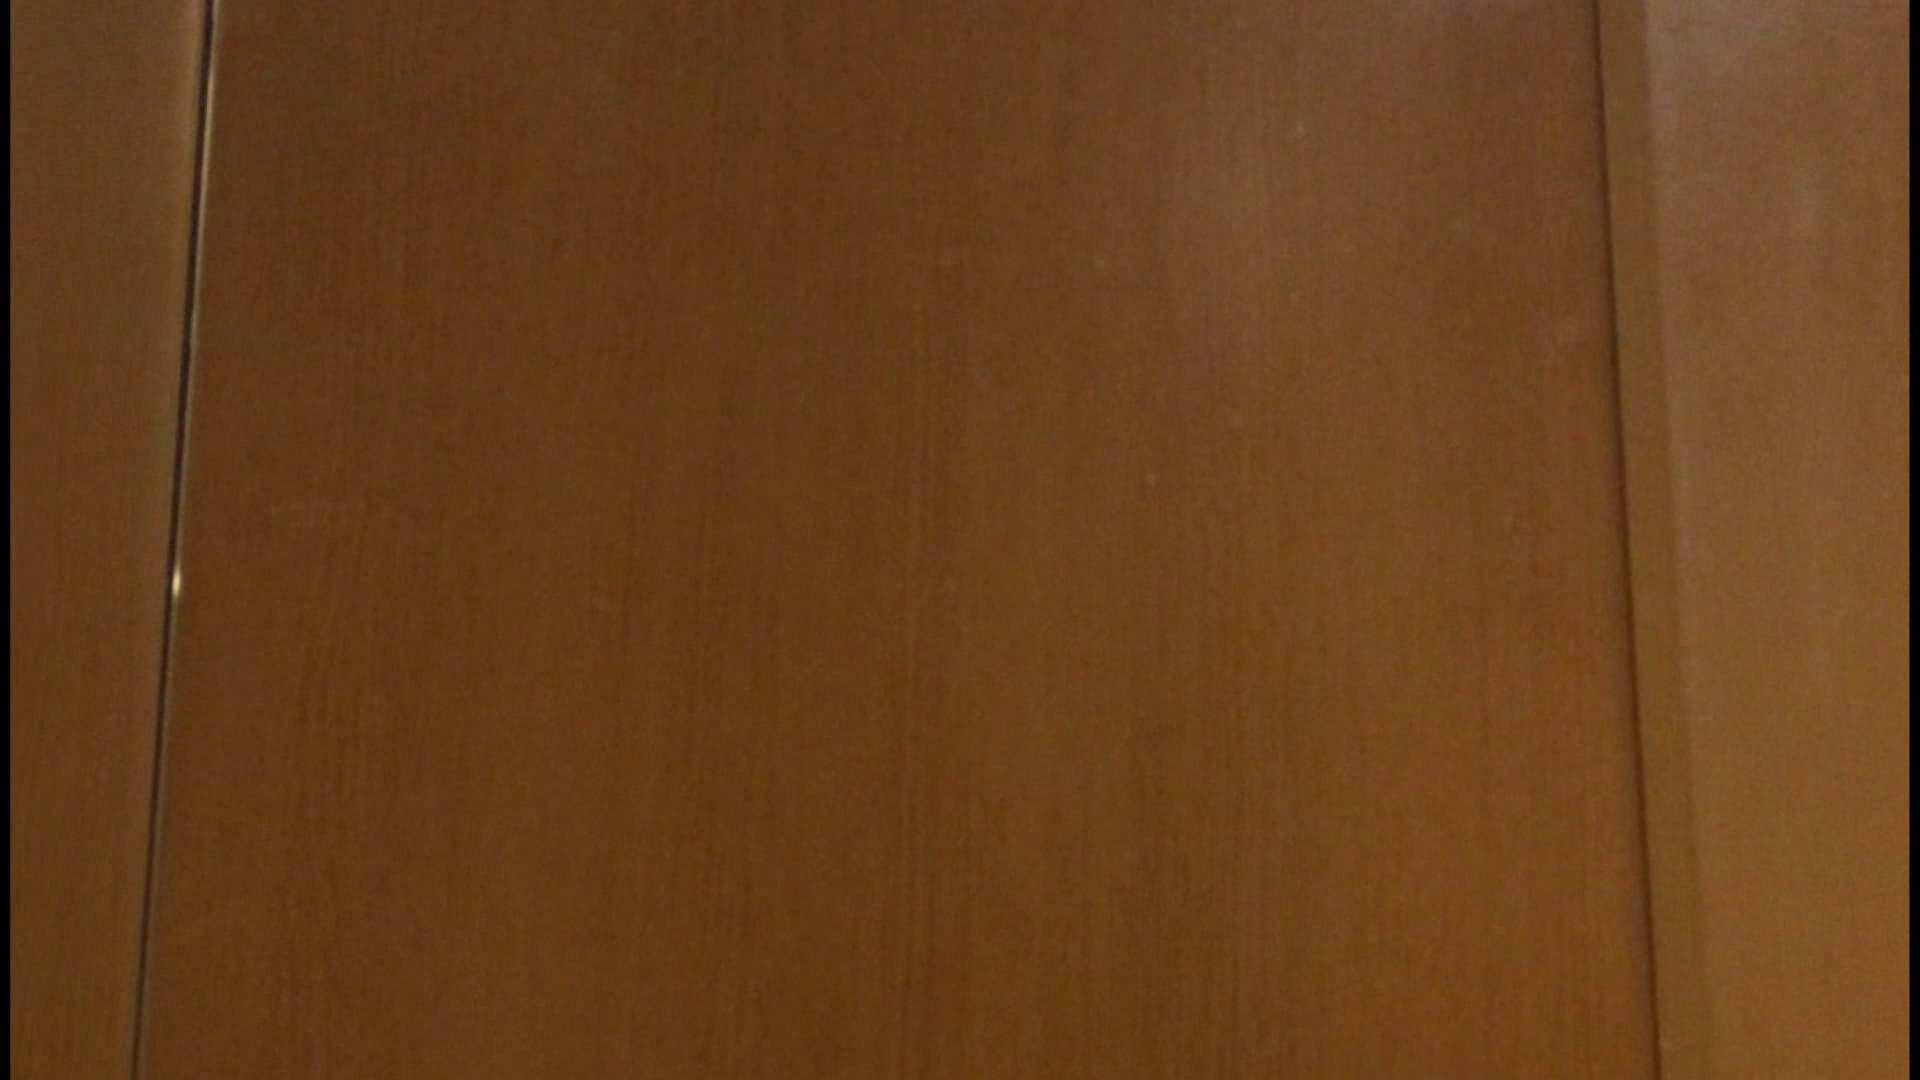 「噂」の国の厠観察日記2 Vol.08 OLハメ撮り  111Pix 21